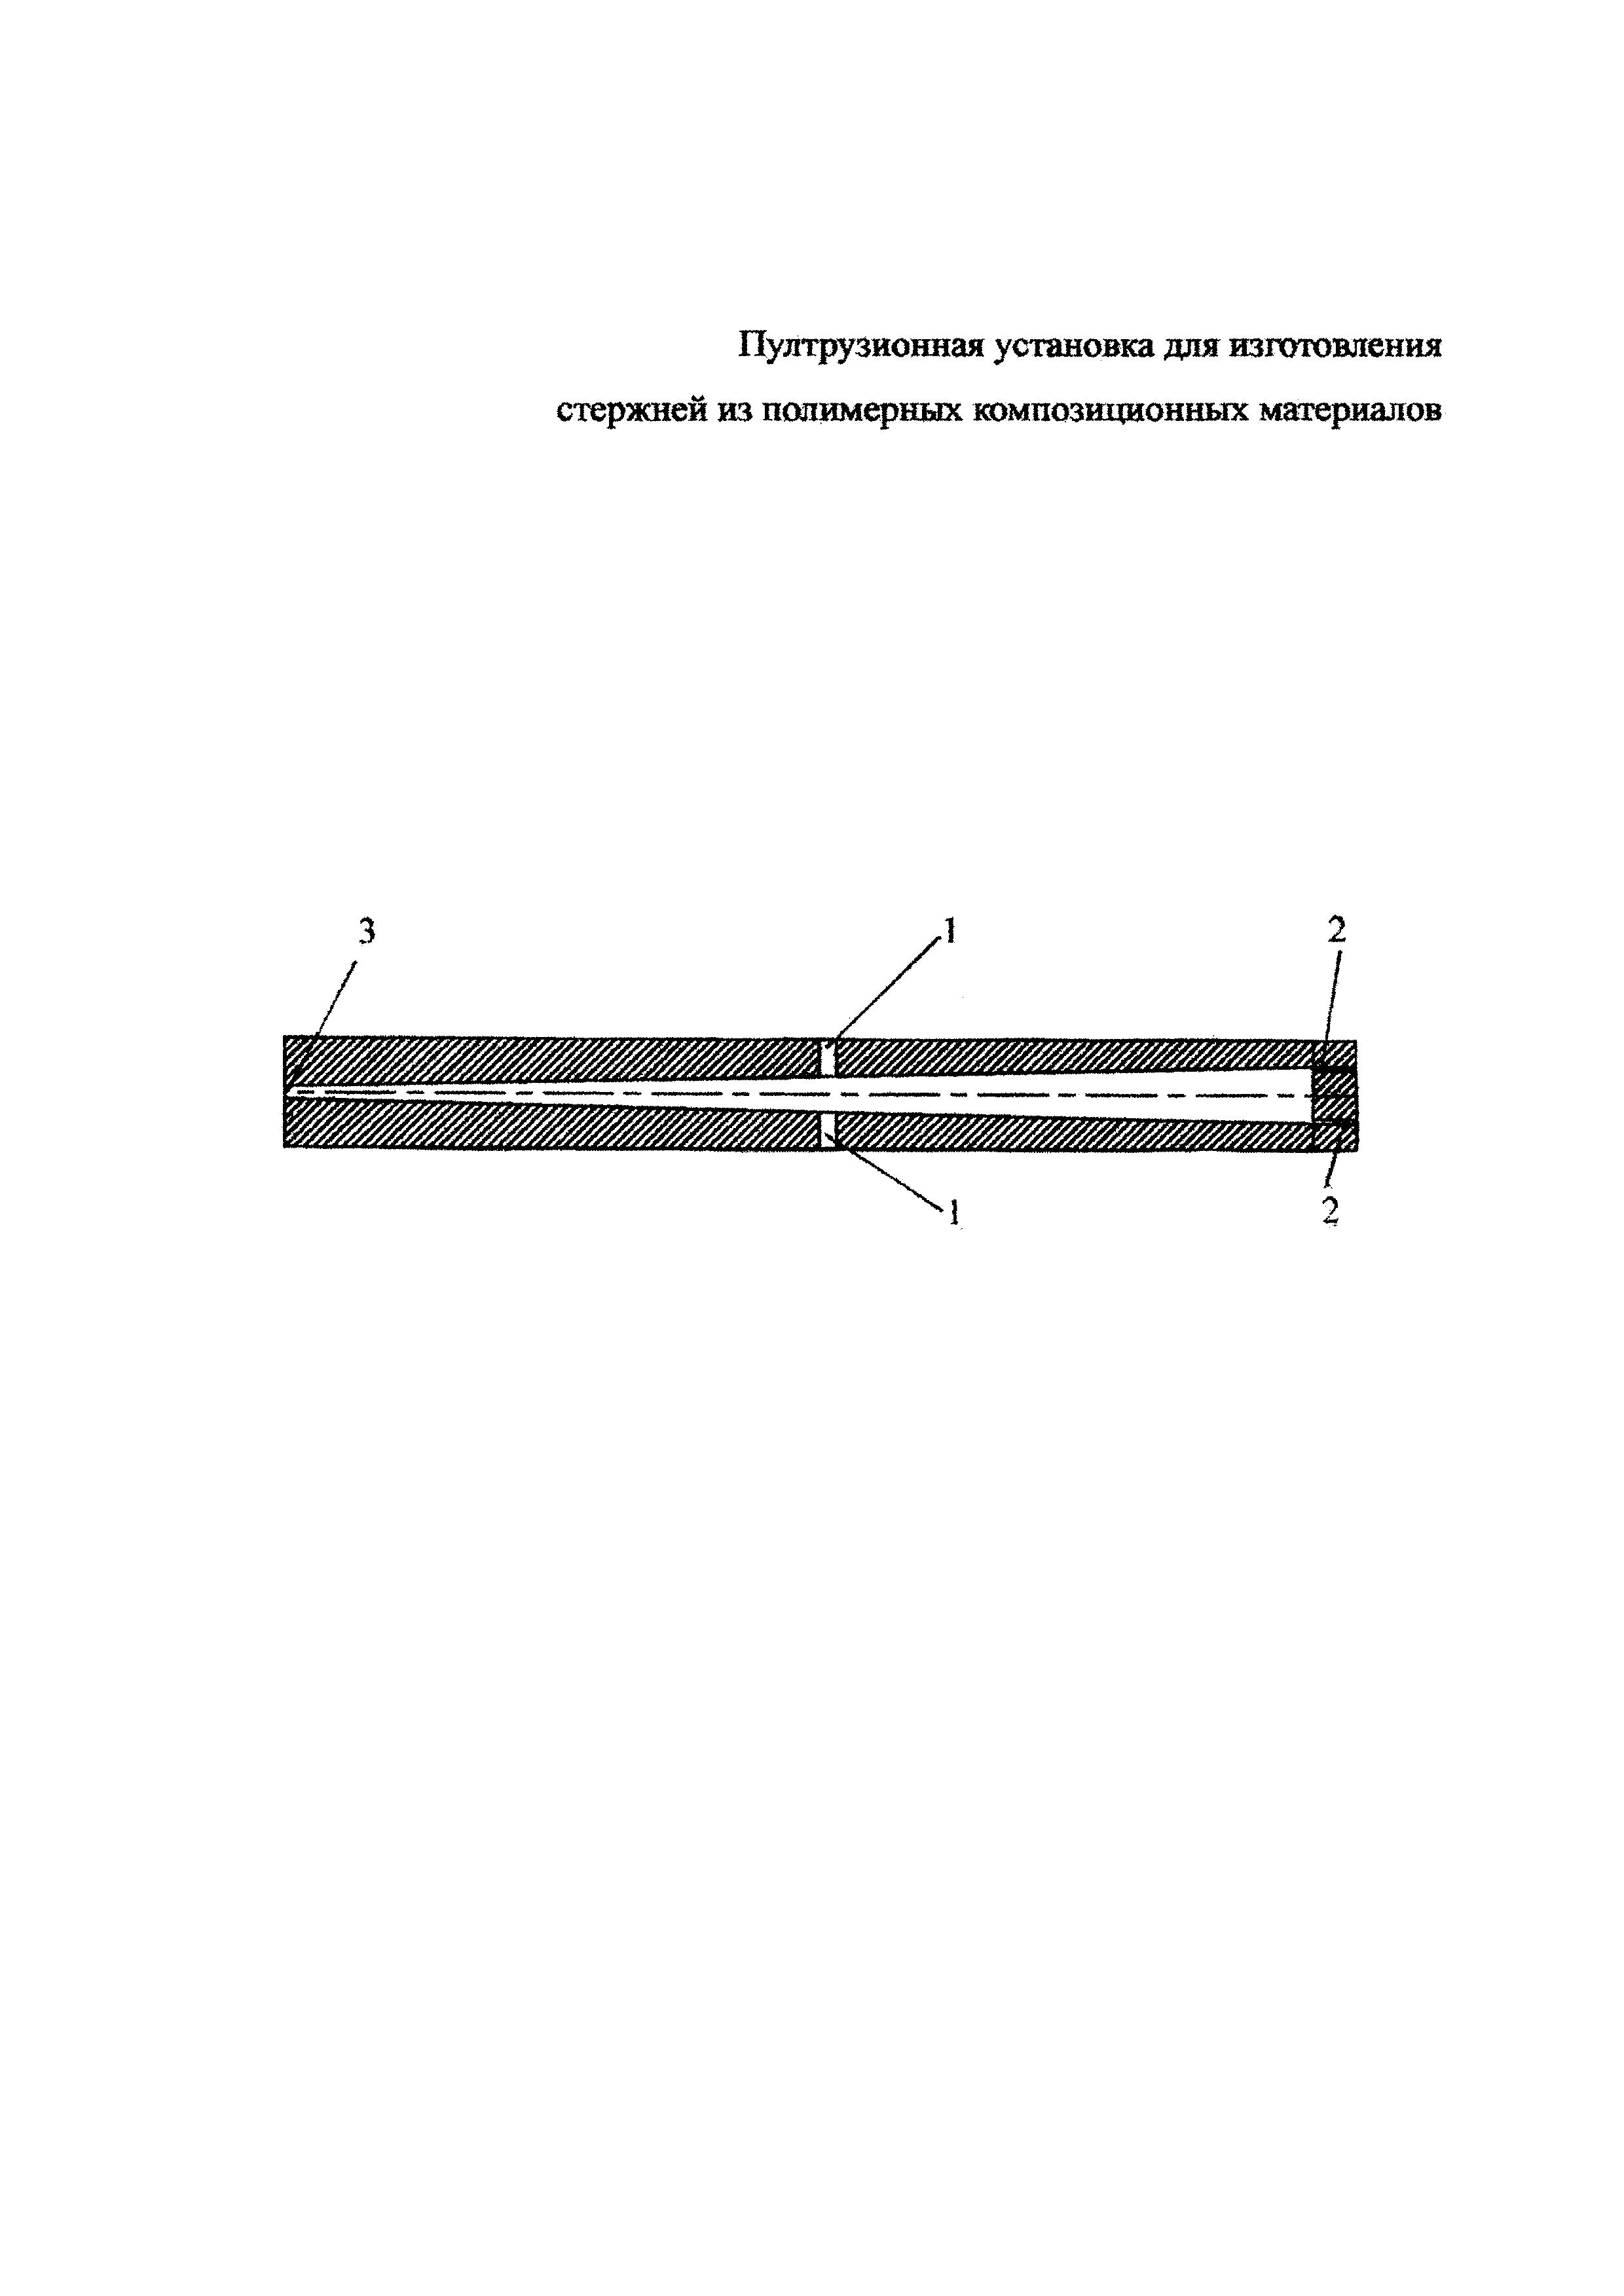 Пултрузионная установка для изготовления стержней из полимерных композиционных материалов